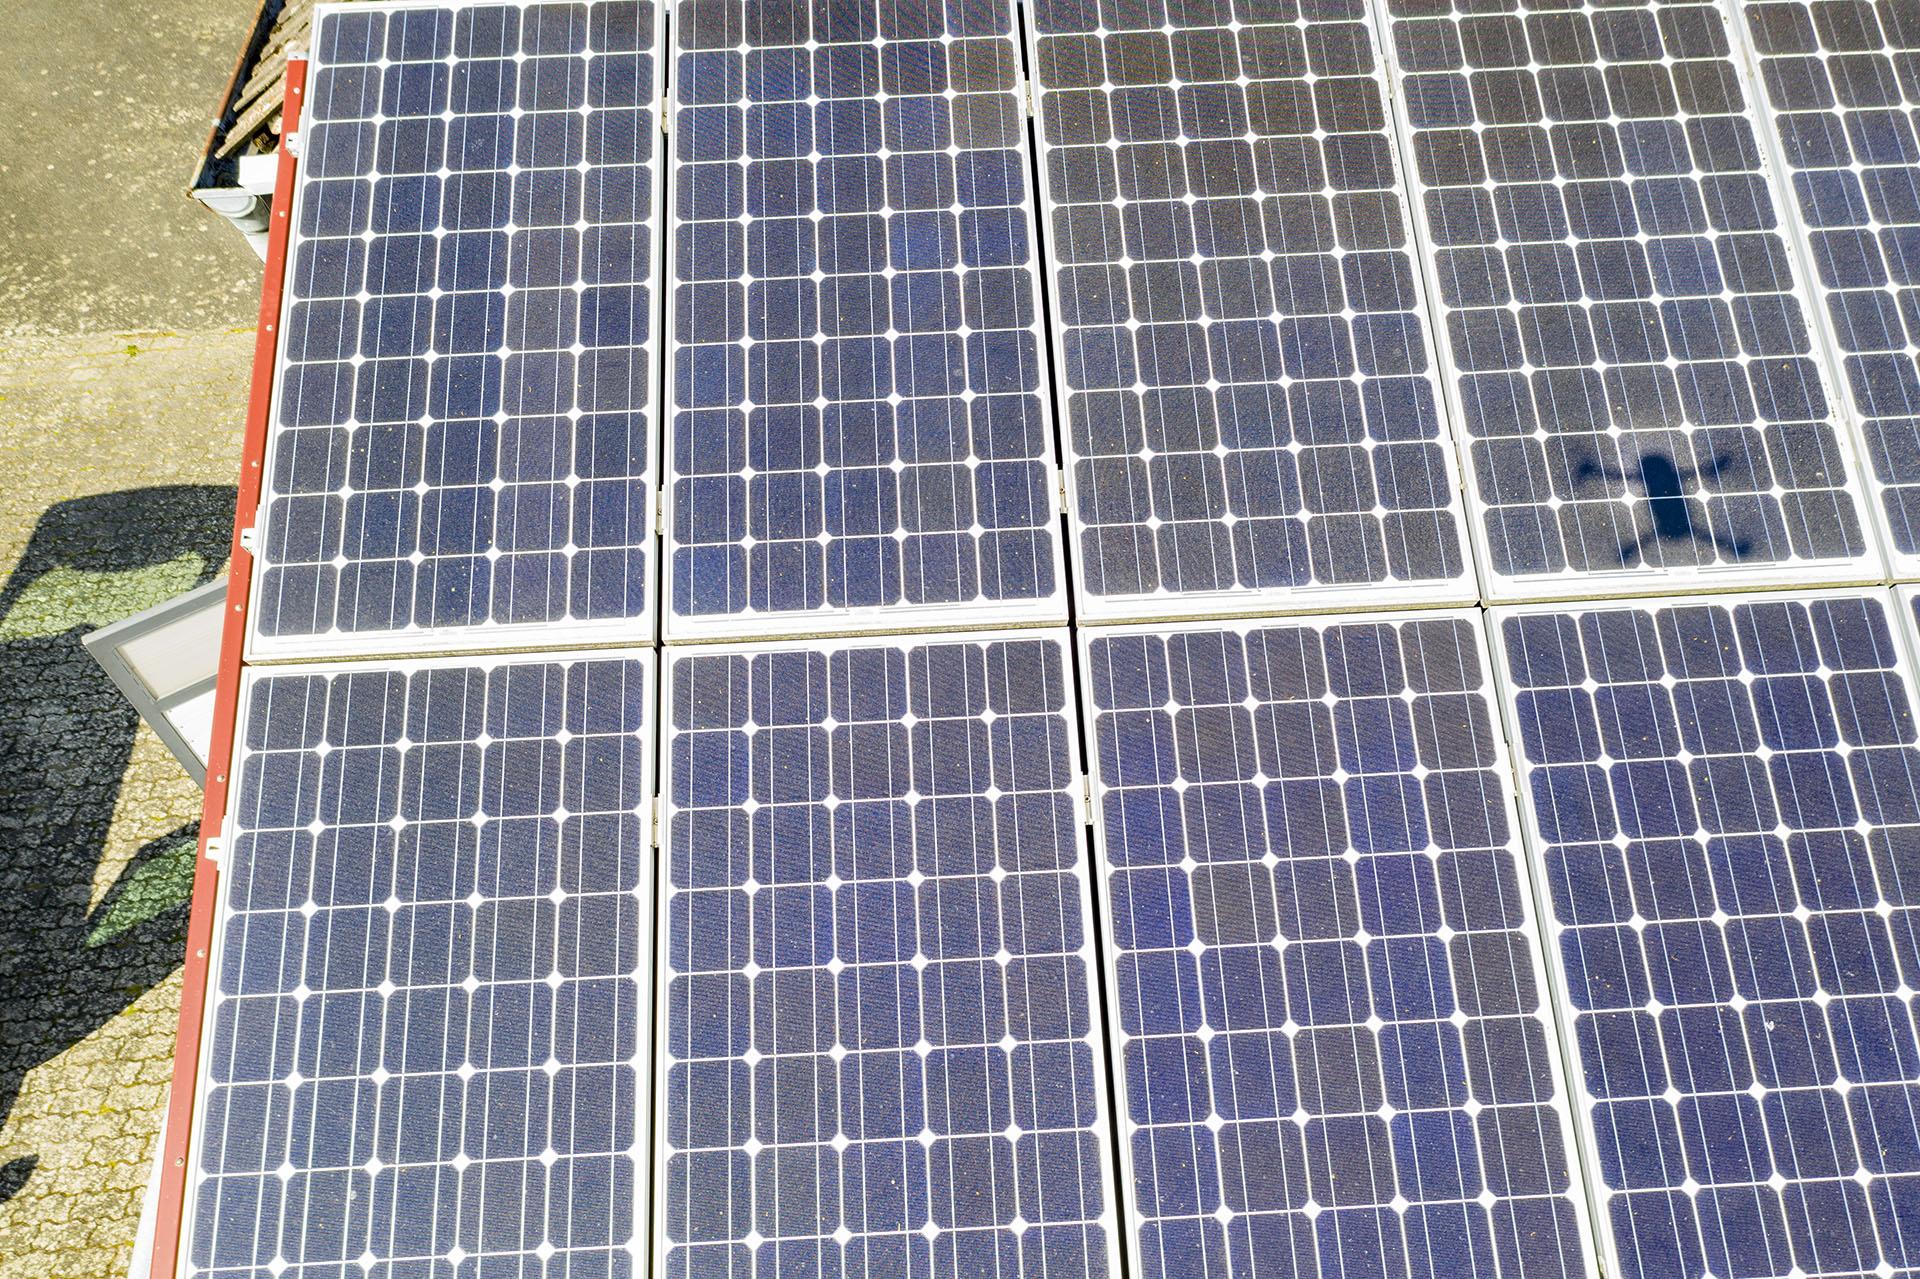 Luftaufnahme von Solarfelder, Controlle